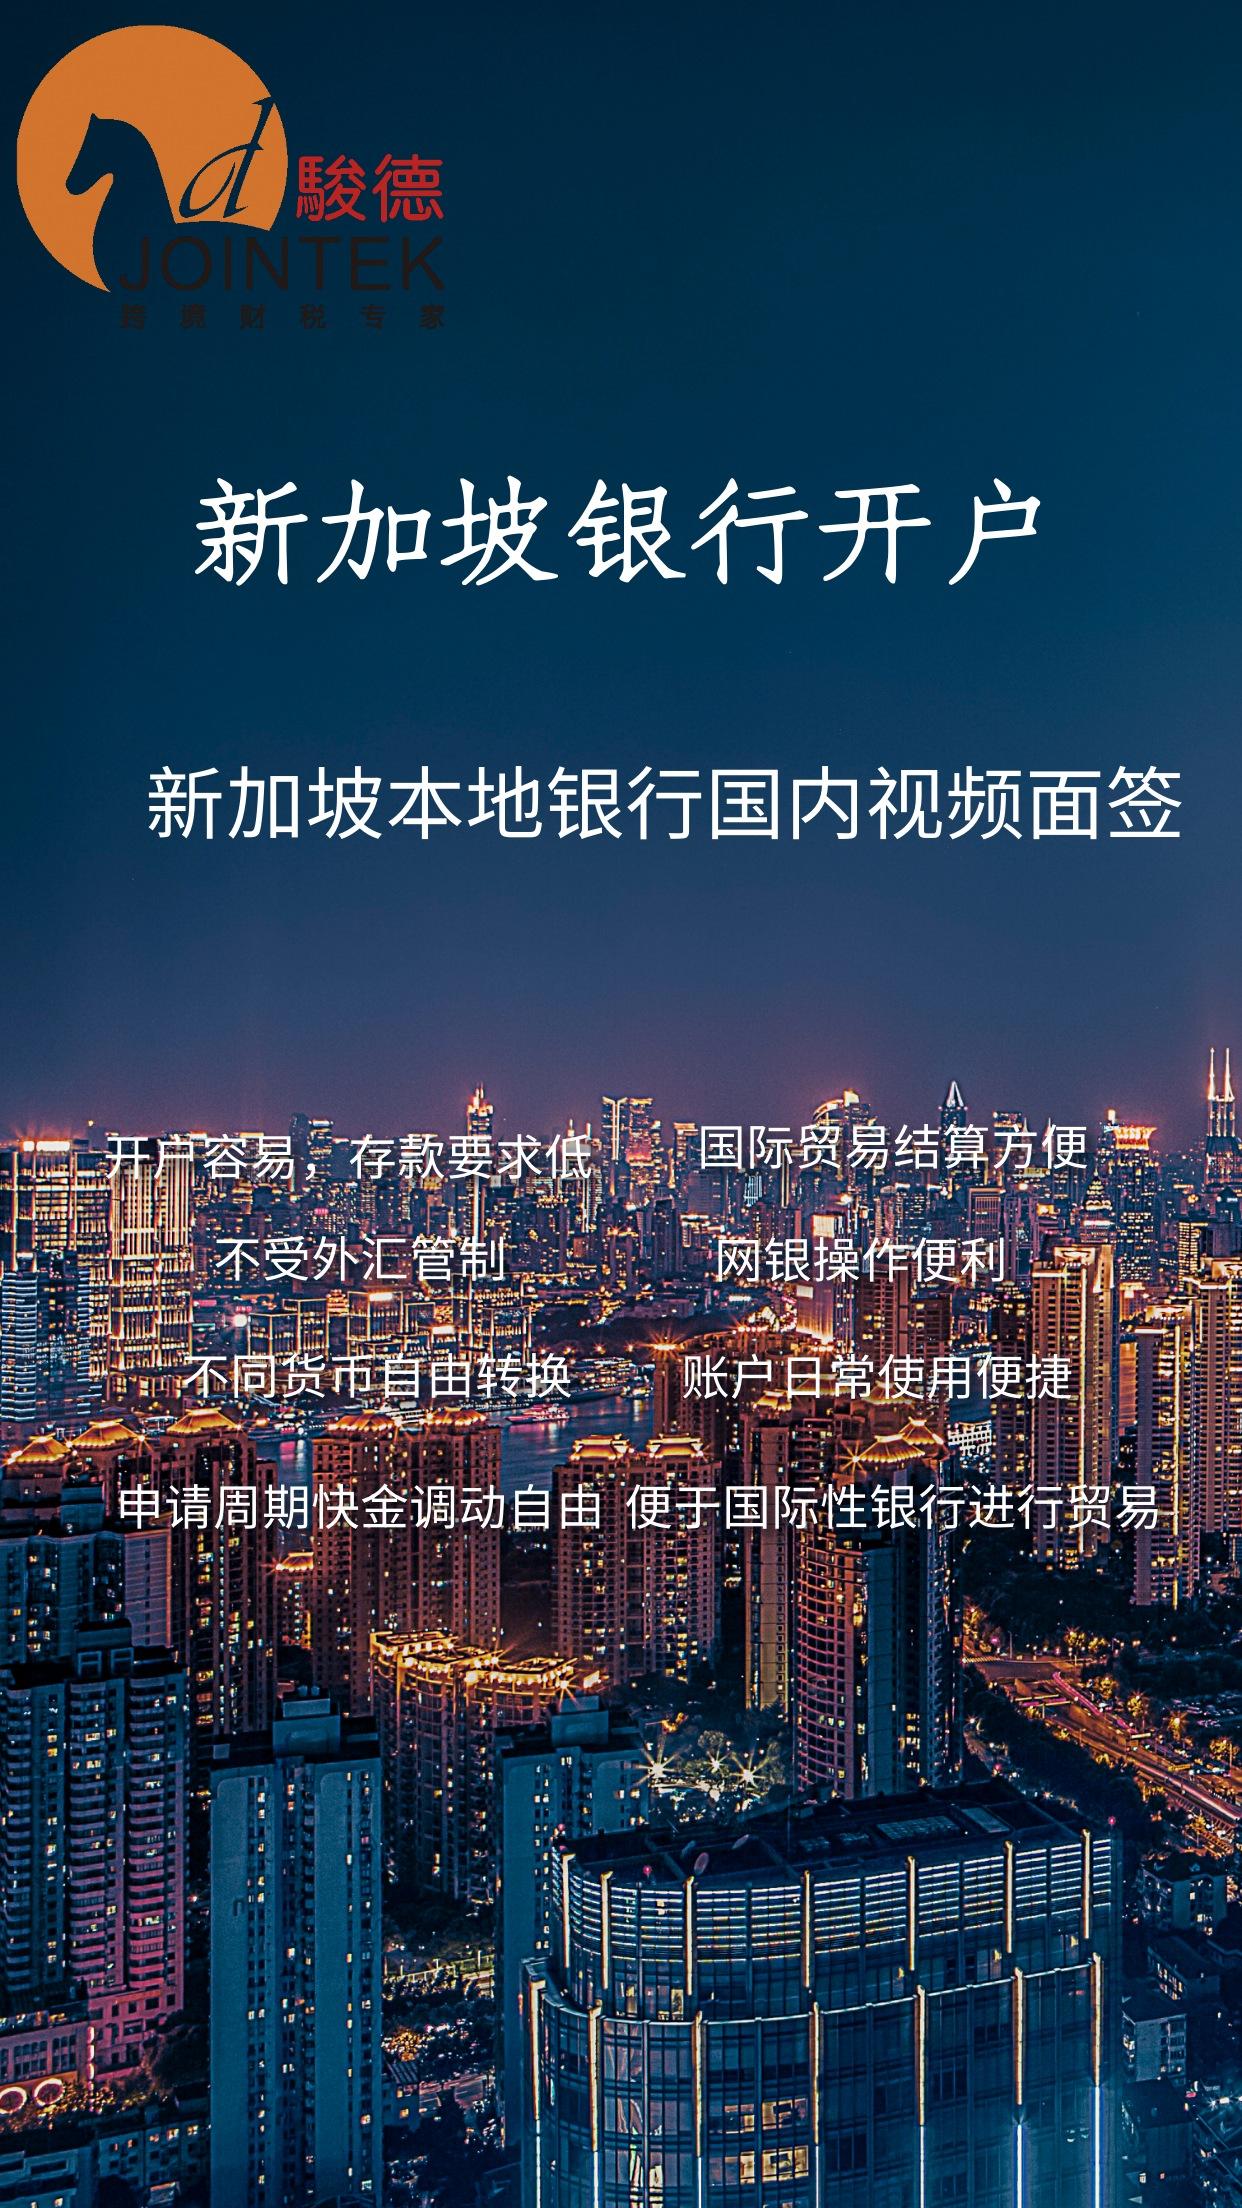 疫情下骏德集团成功协助国内客户办理香港身份